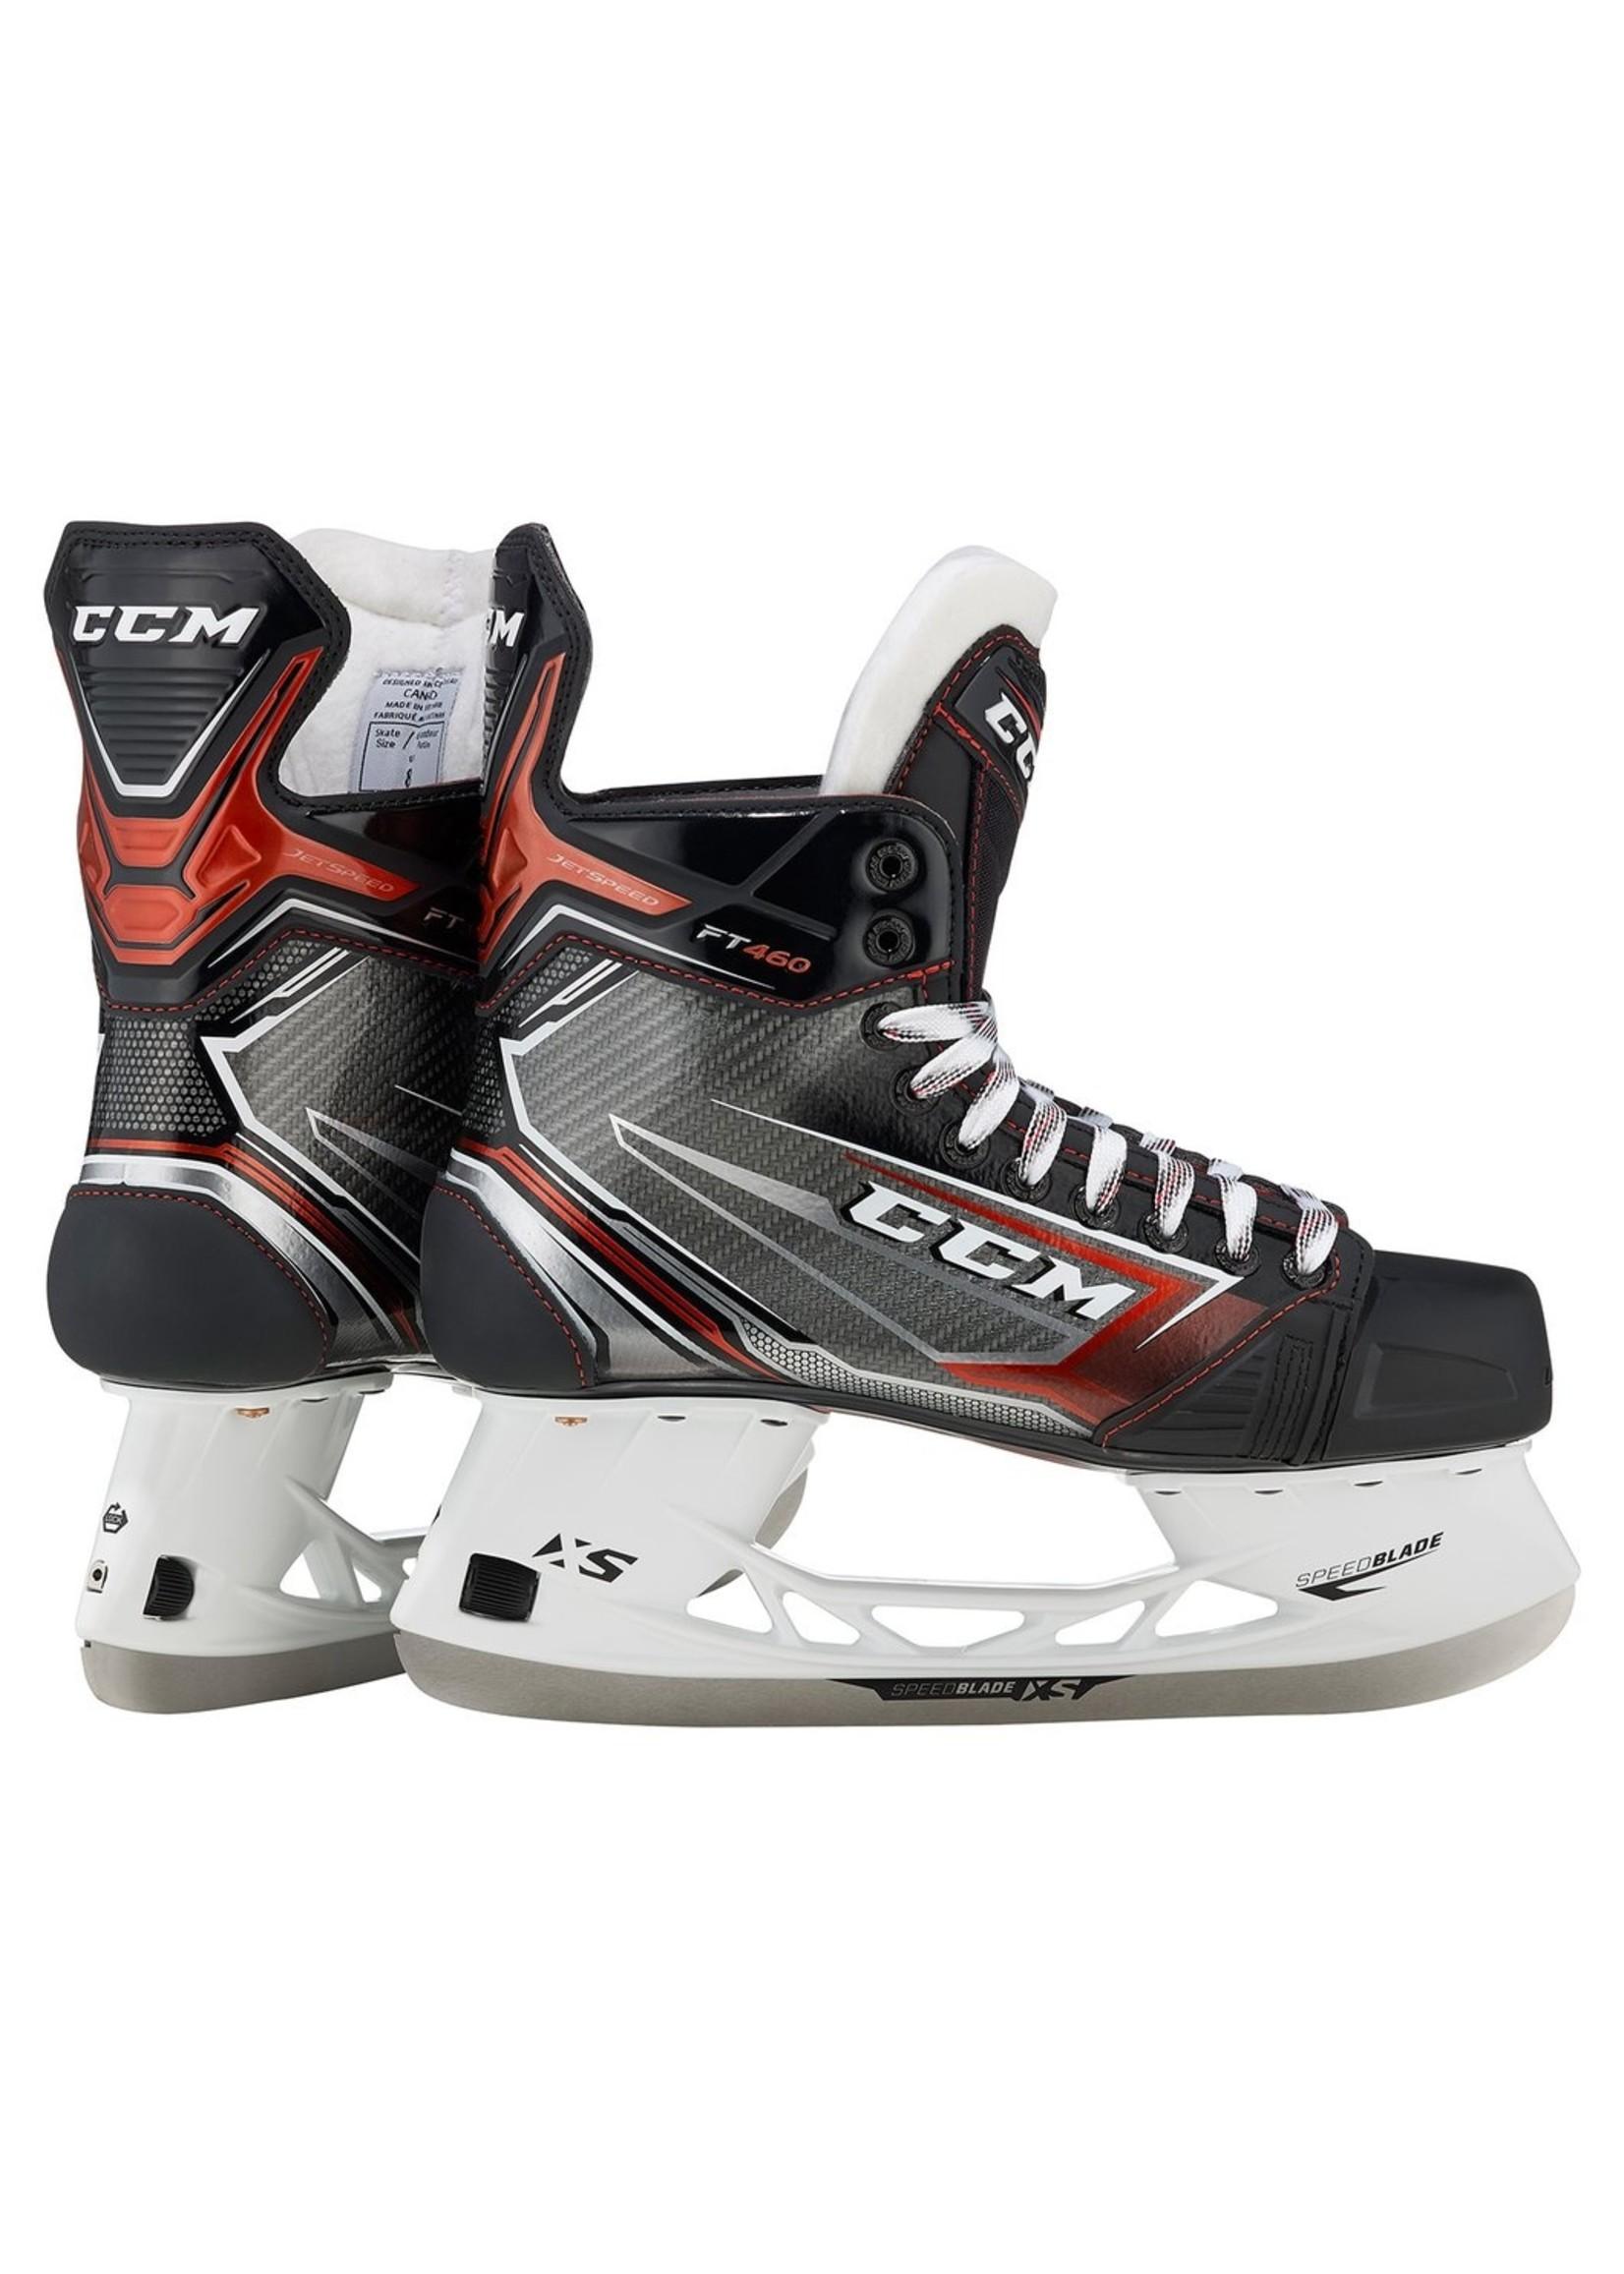 CCM Hockey CCM JETSPEED FT460 SKATES